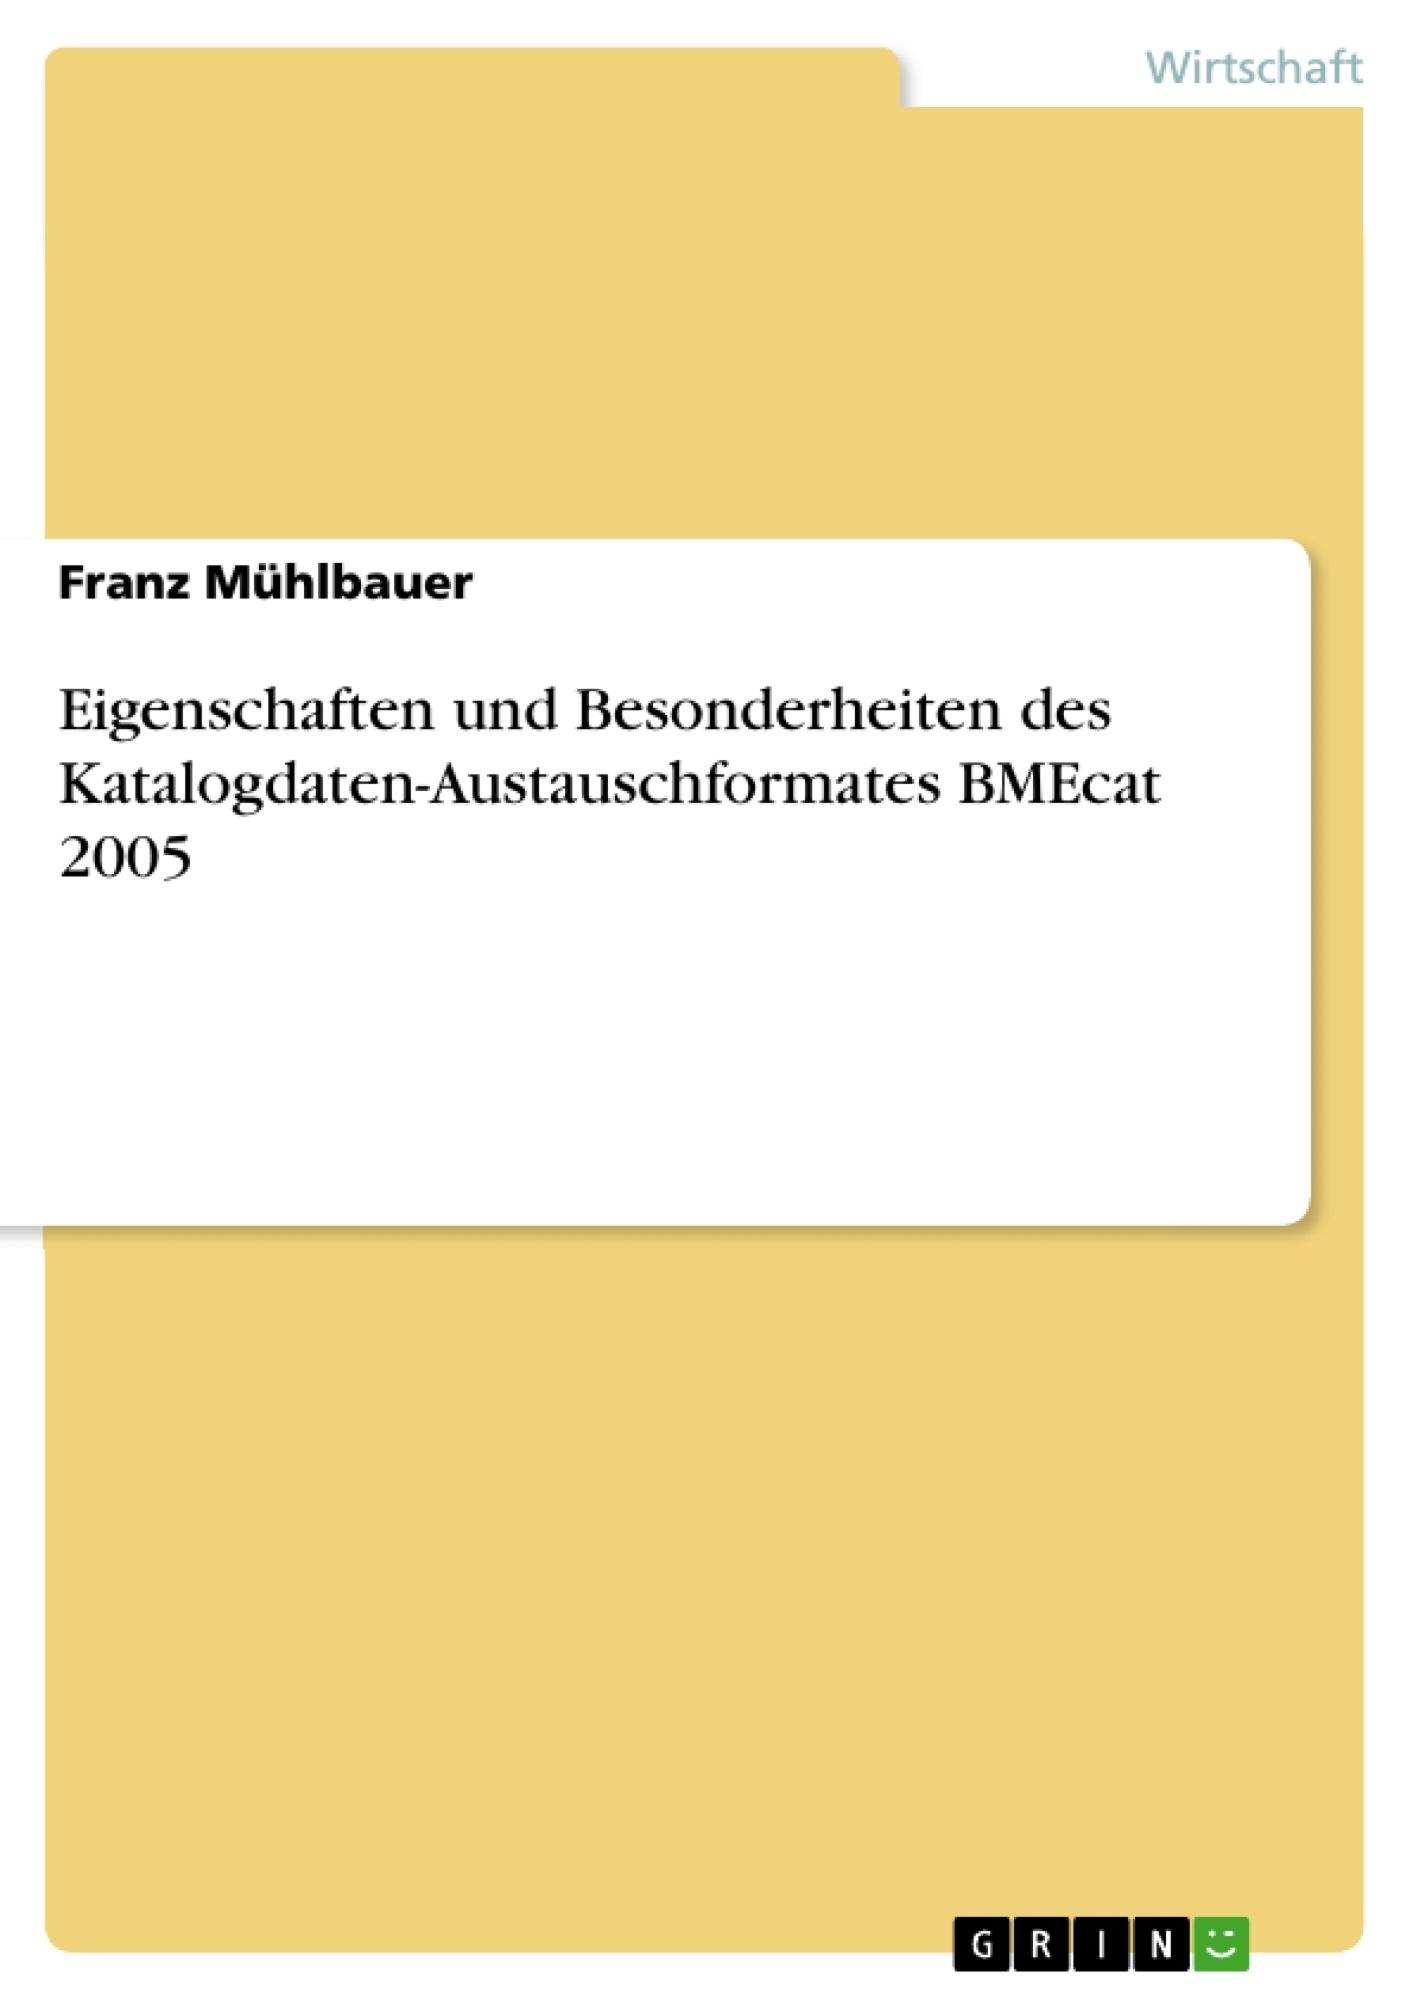 Titel: Eigenschaften und Besonderheiten des Katalogdaten-Austauschformates BMEcat 2005